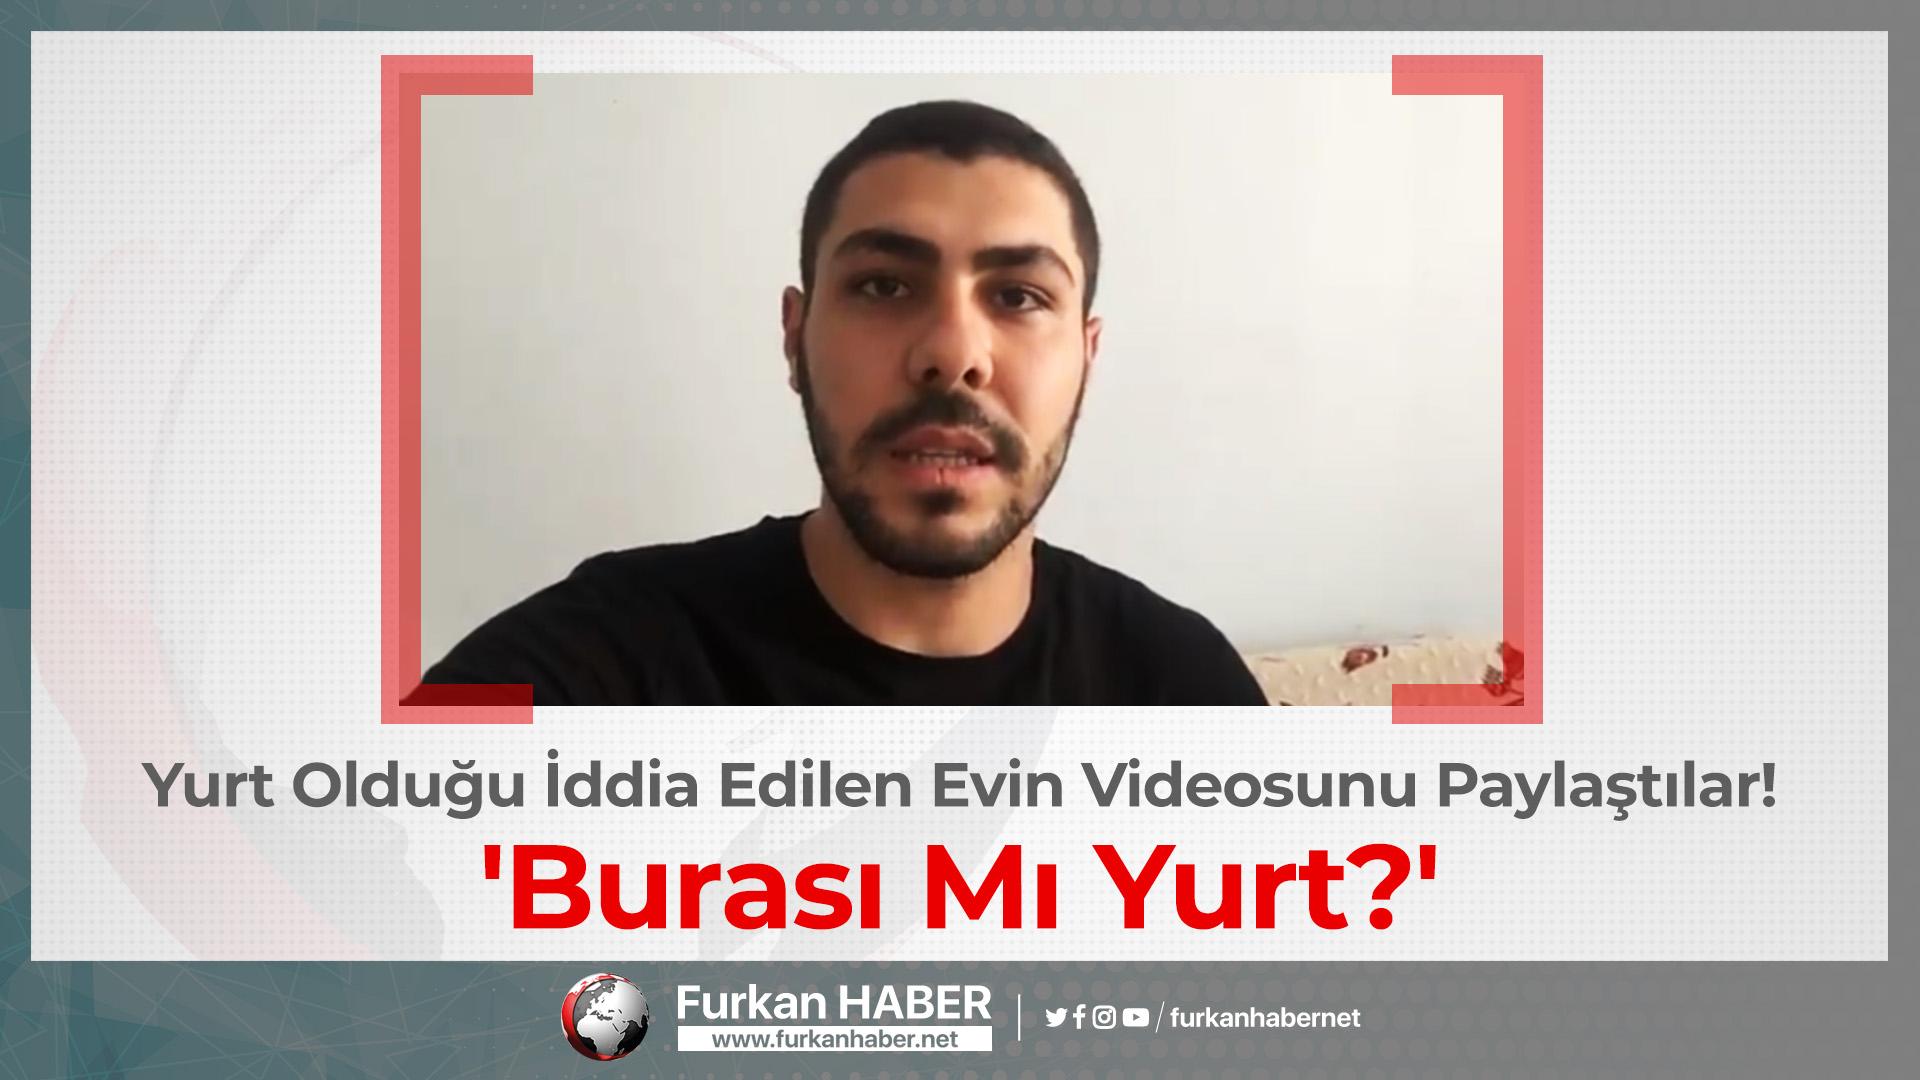 Yurt Olduğu İddia Edilen Evin Videosunu Paylaştılar! 'Burası Mı Yurt?'